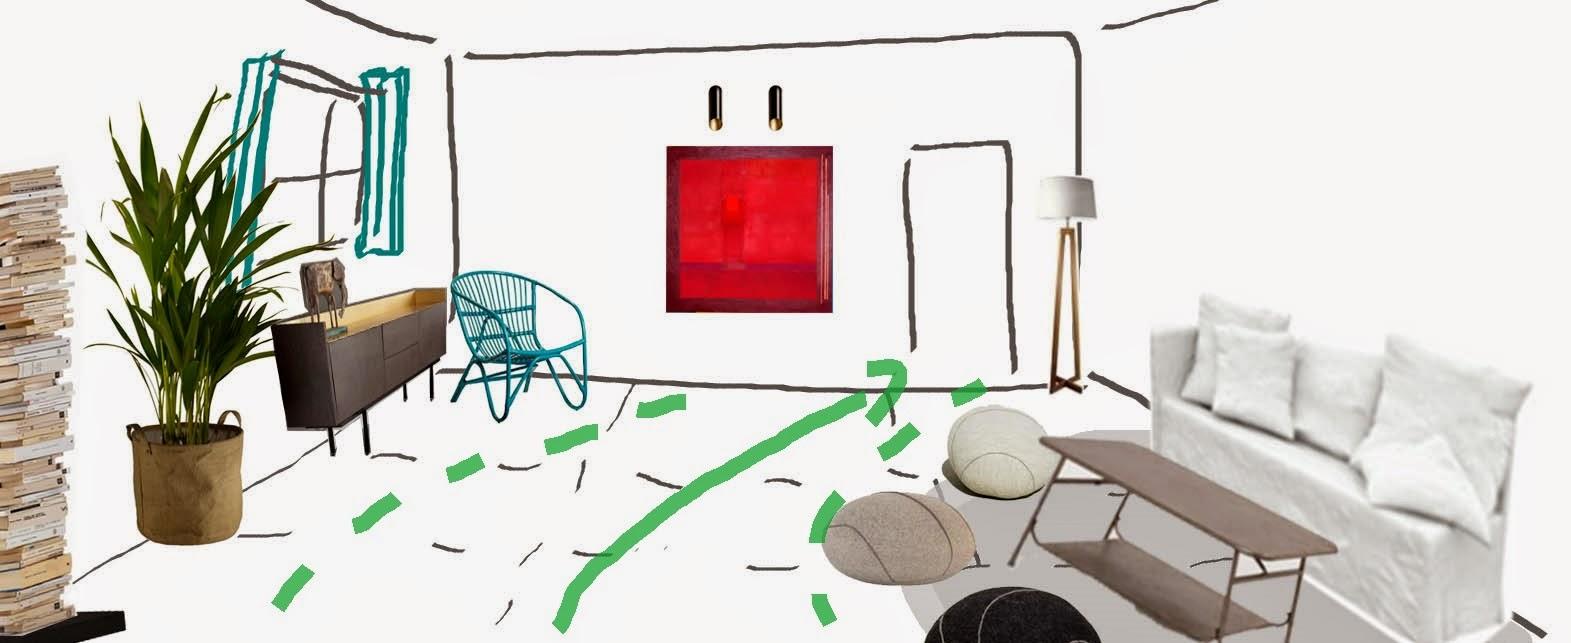 comment rendre votre appartement plus fengshui blog d co mydecolab. Black Bedroom Furniture Sets. Home Design Ideas